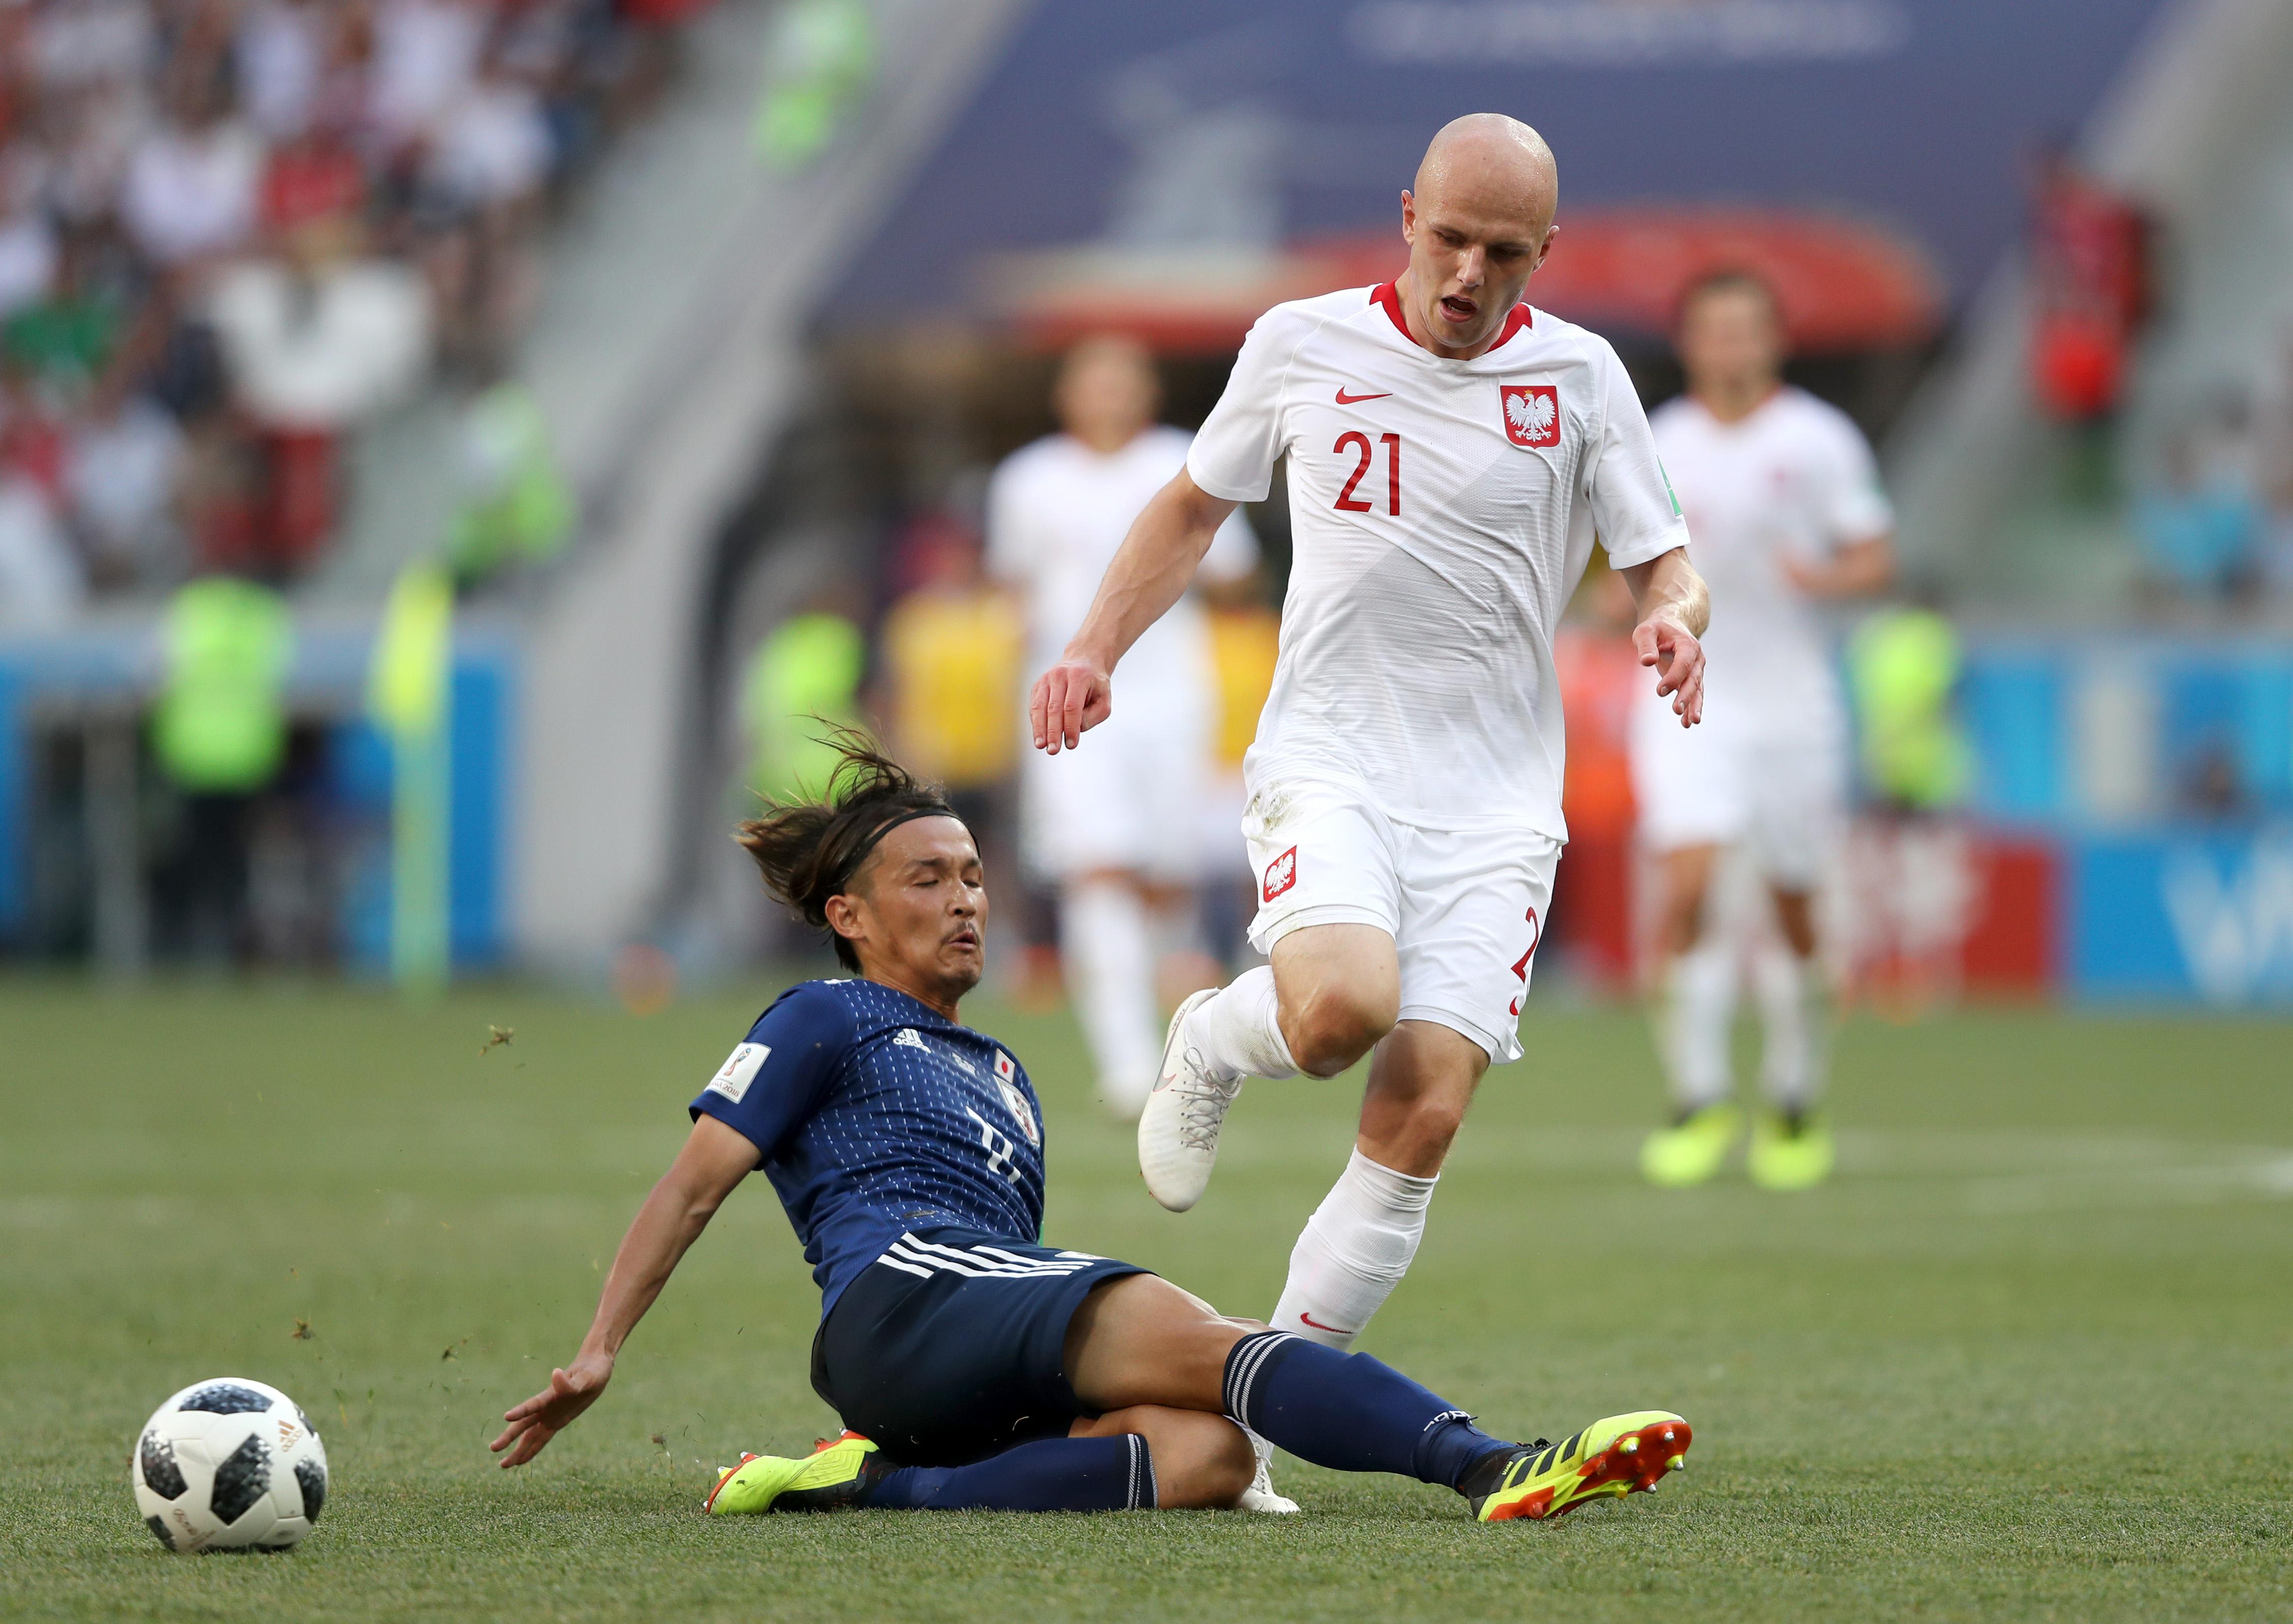 8805c1a96 Mundial 2018. FIFA przyjrzy się dokładniej końcówce meczu Japonia - Polska  - WP SportoweFakty